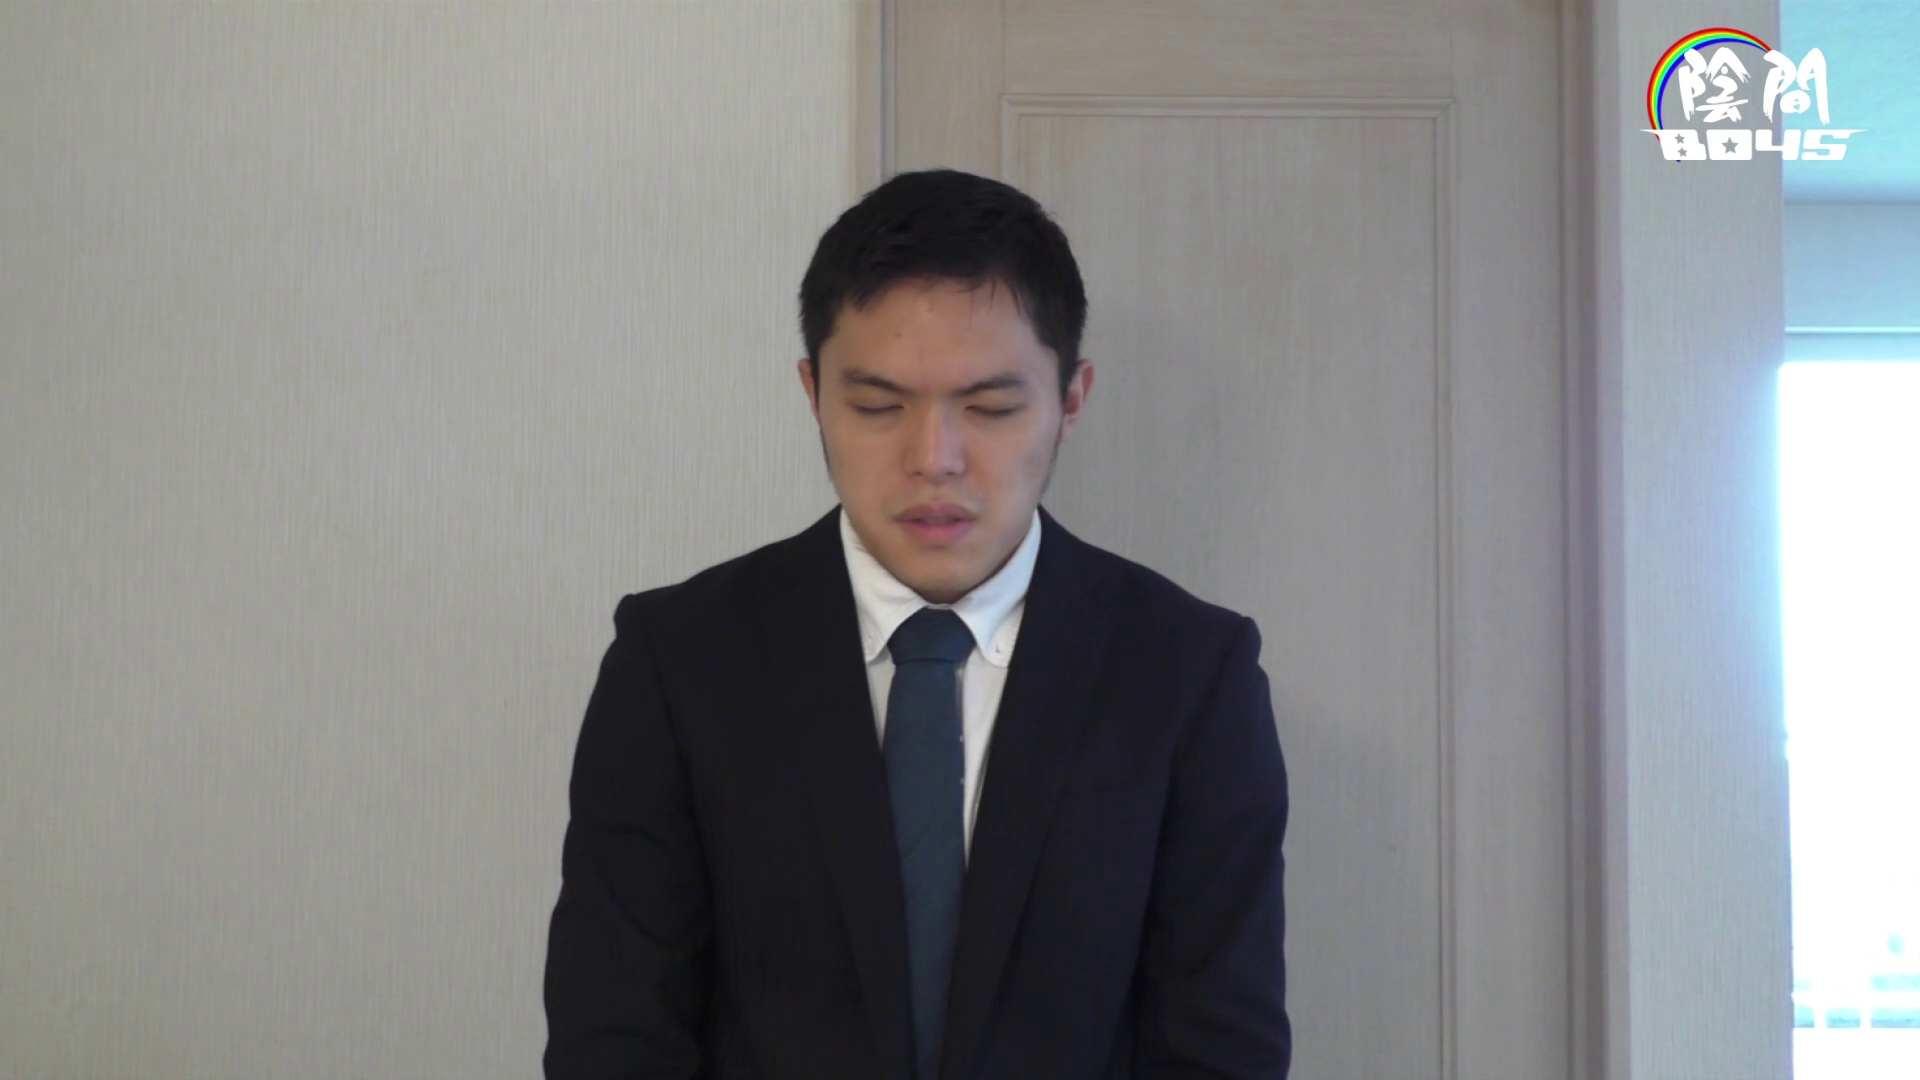 アナルで営業ワン・ツー・ スリーpart2 Vol.1 男どうし ゲイエロ画像 101pic 58